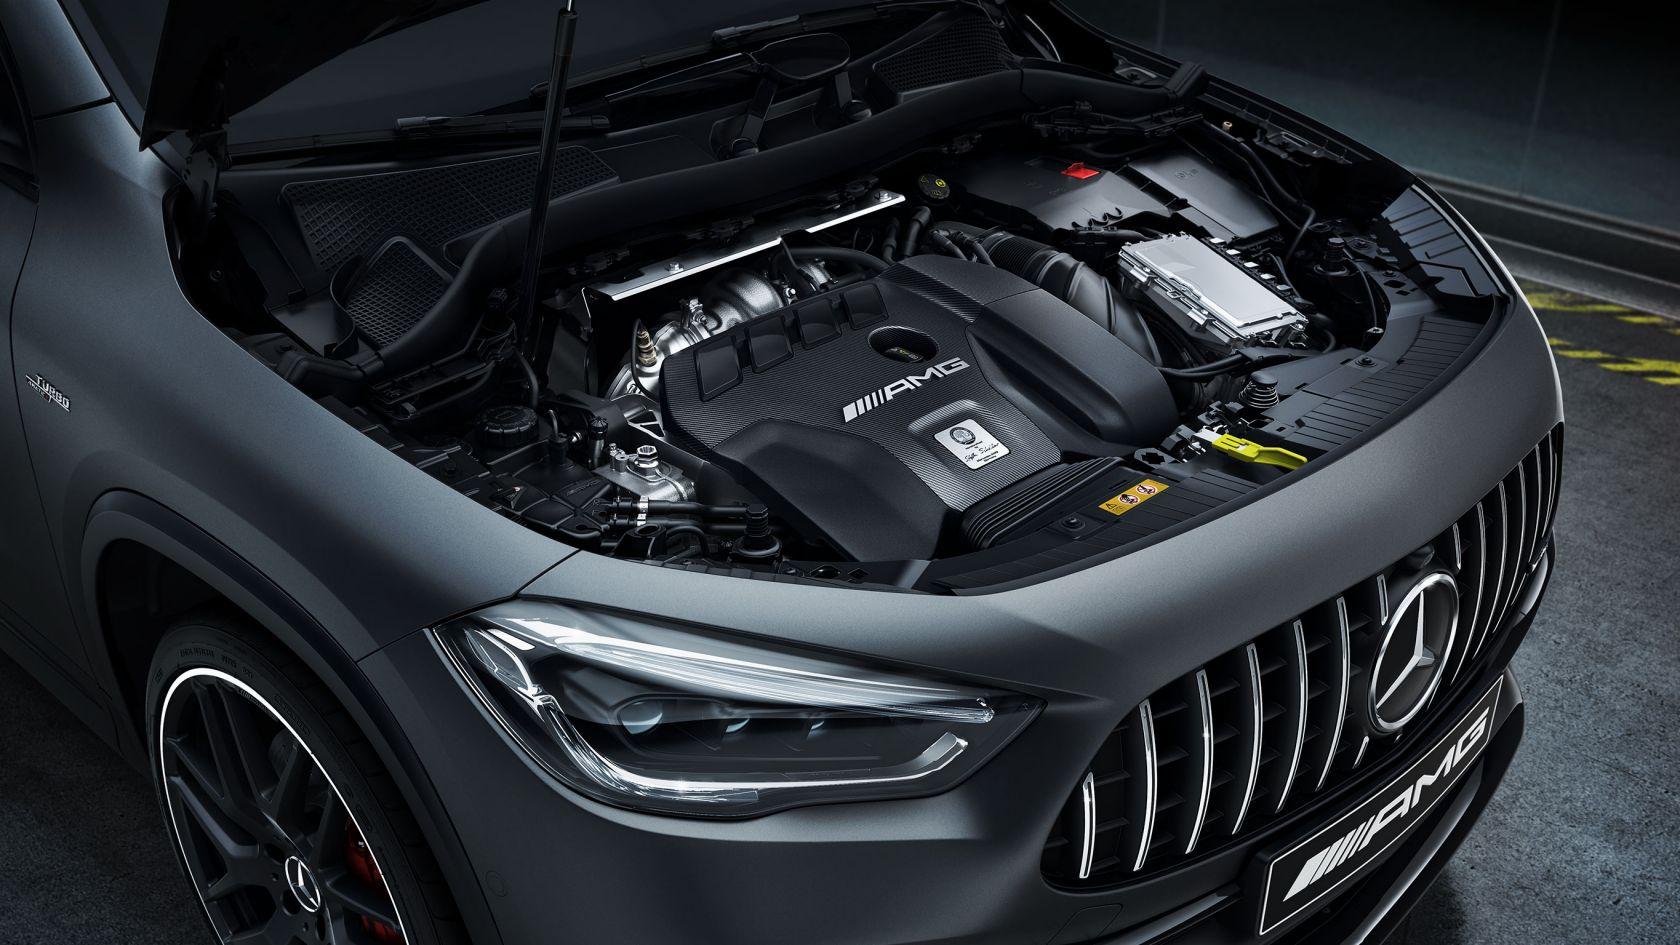 2-літровий двигун AMG з чотирма циліндрами й системою турбонаддування